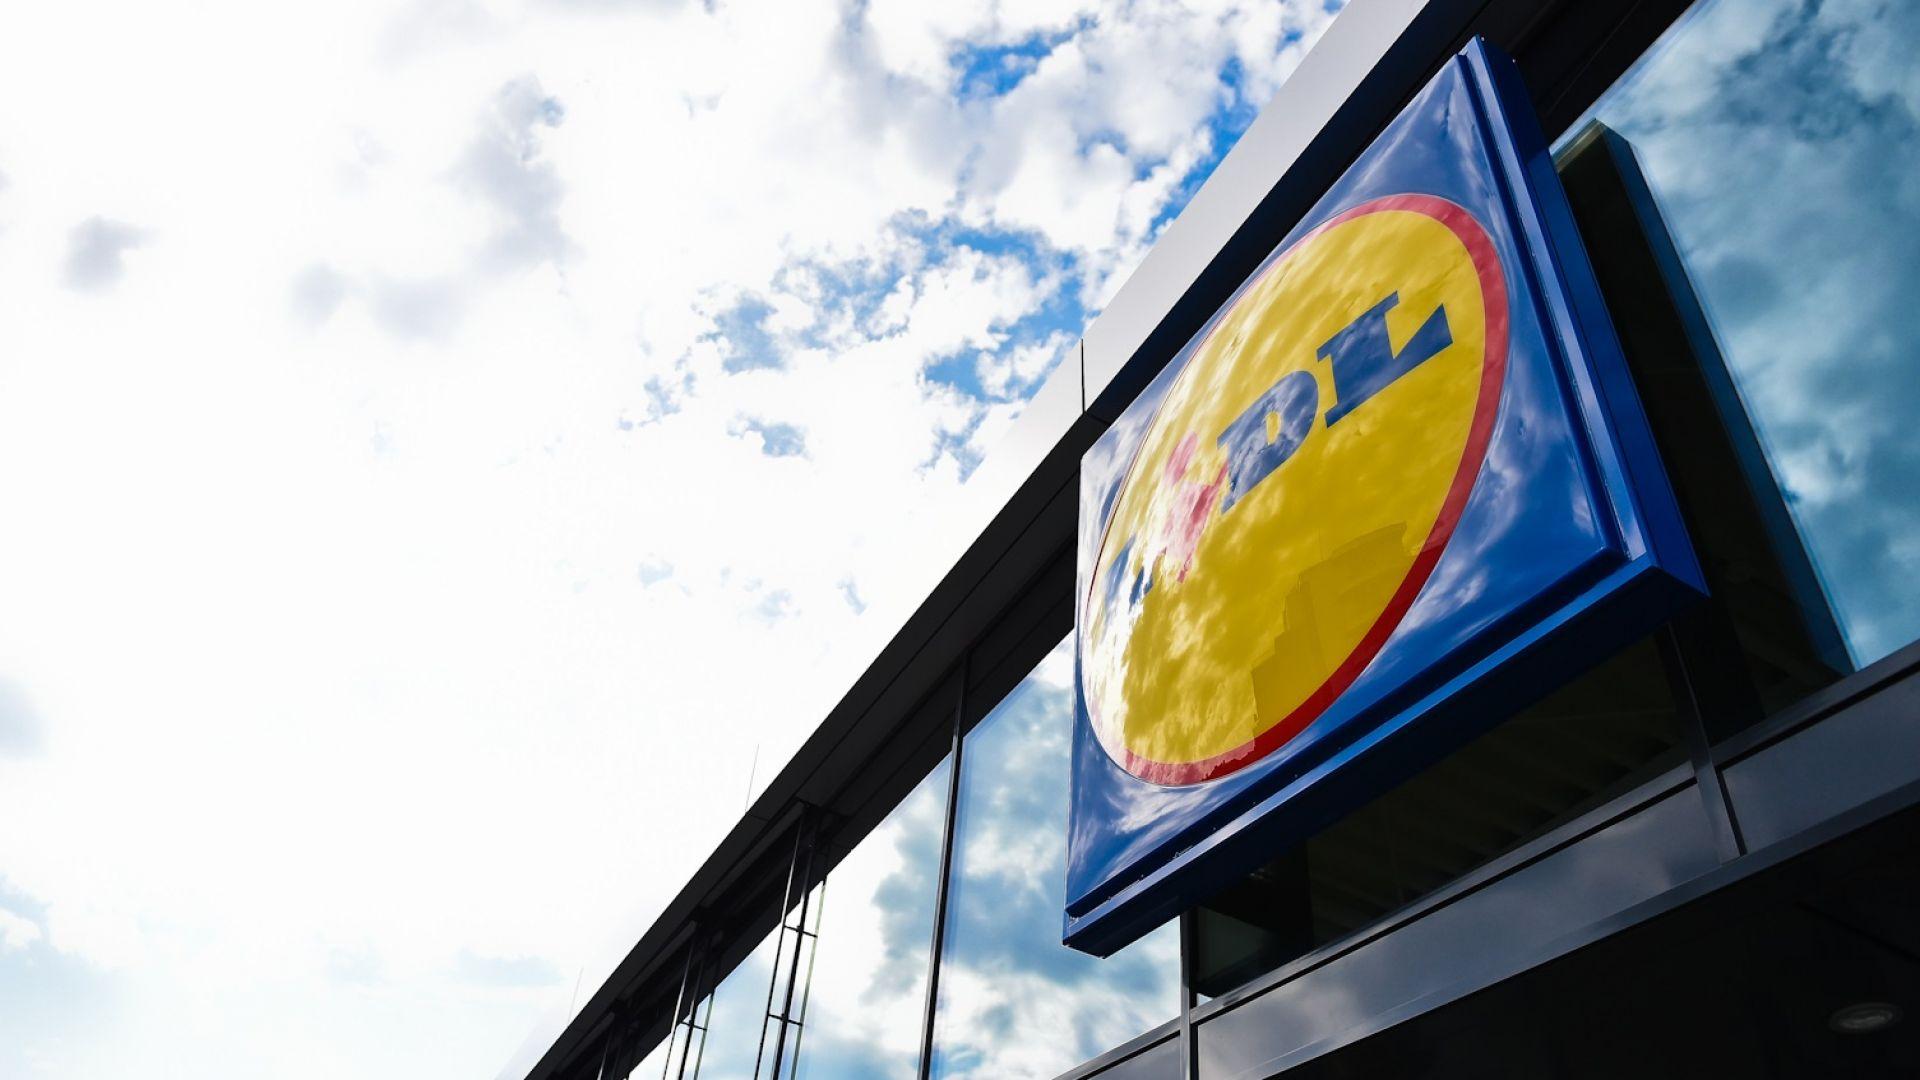 Над 700 сертифицирани продукта в асортимента на Лидл България